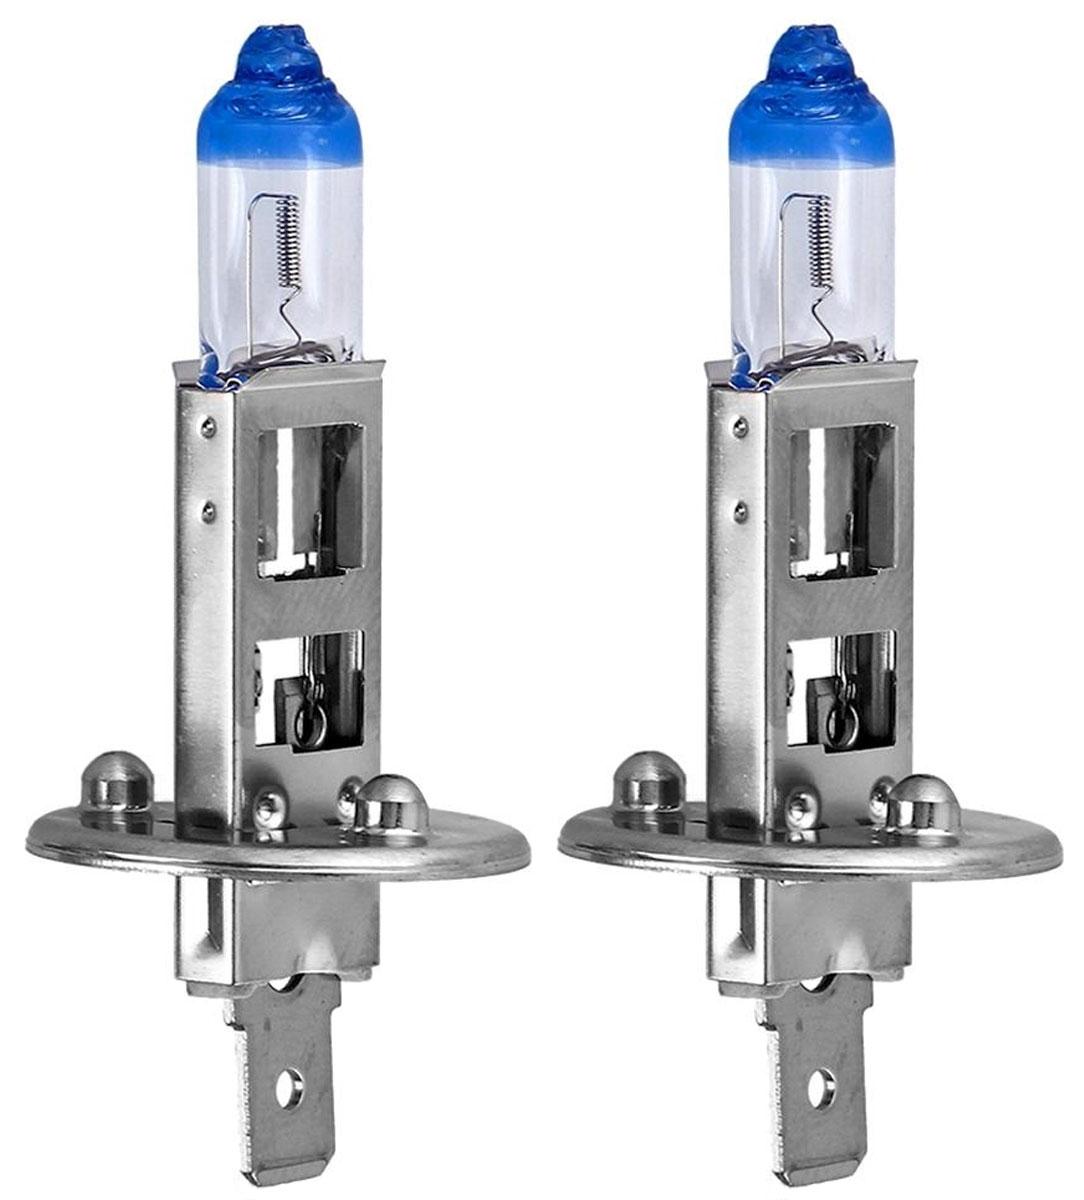 Лампа автомобильная галогенная Philips X-tremeVision, для фар, цоколь H1 (P14.5s), 12V, 55W, 2 шт12258XV+S2Галогенная лампа для автомобильных фар Philips X-tremeVision изготовлена из запатентованного кварцевого стекла с УФ-фильтром Philips Quartz Glass. Кварцевое стекло в отличие от обычного стекла выдерживает гораздо большее давление и больший перепад температур. При попадании влаги на работающую лампу, лампа не взрывается и продолжает работать. Автомобильные лампы Philips X-tremeVision обладают повышенной яркостью, обеспечивая на 130% больше света на дороге. Такие лампы позволяют увеличить видимость перед автомобилем на 45 метров, благодаря чему вы можете видеть дальше, реагировать быстрее и водить безопаснее.Яркий белый свет (3700K) на 20% белее света стандартных ламп головного освещения. Запатентованная технология Philips Gradient Coating обеспечивает более мощный световой поток, максимальную яркость и невероятный комфорт в темное время суток. Лампы Philips X-tremeVision созданы для долгой и надежной службы. Они гарантируют хороший обзор и видимость на дороге в течение длительного времени.